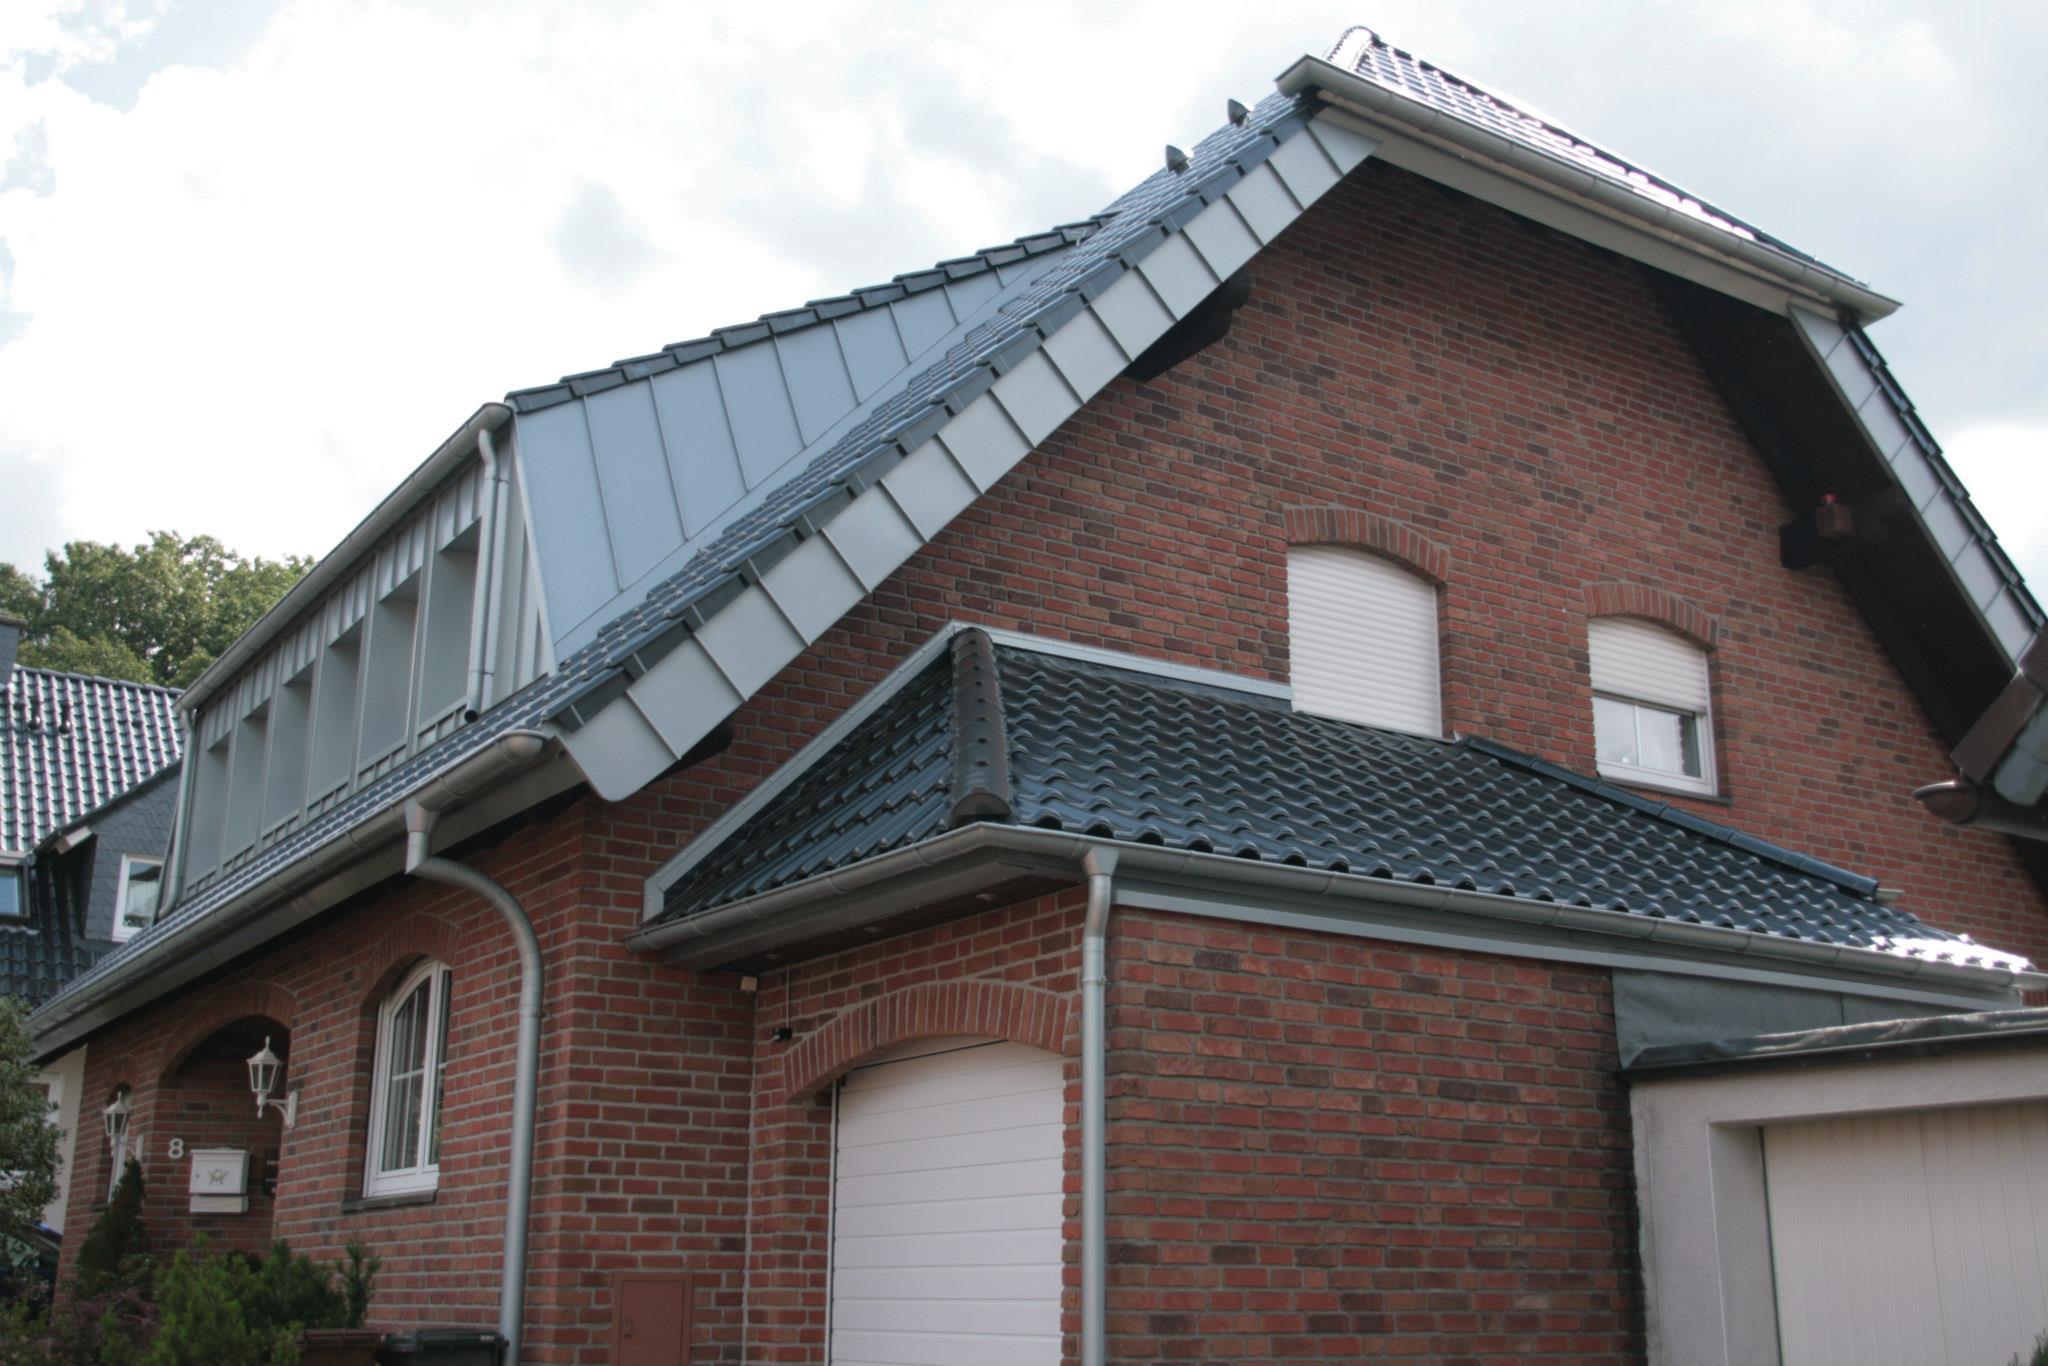 passende dachrinne und zubehör in gevelsberg kaufen - scherwat